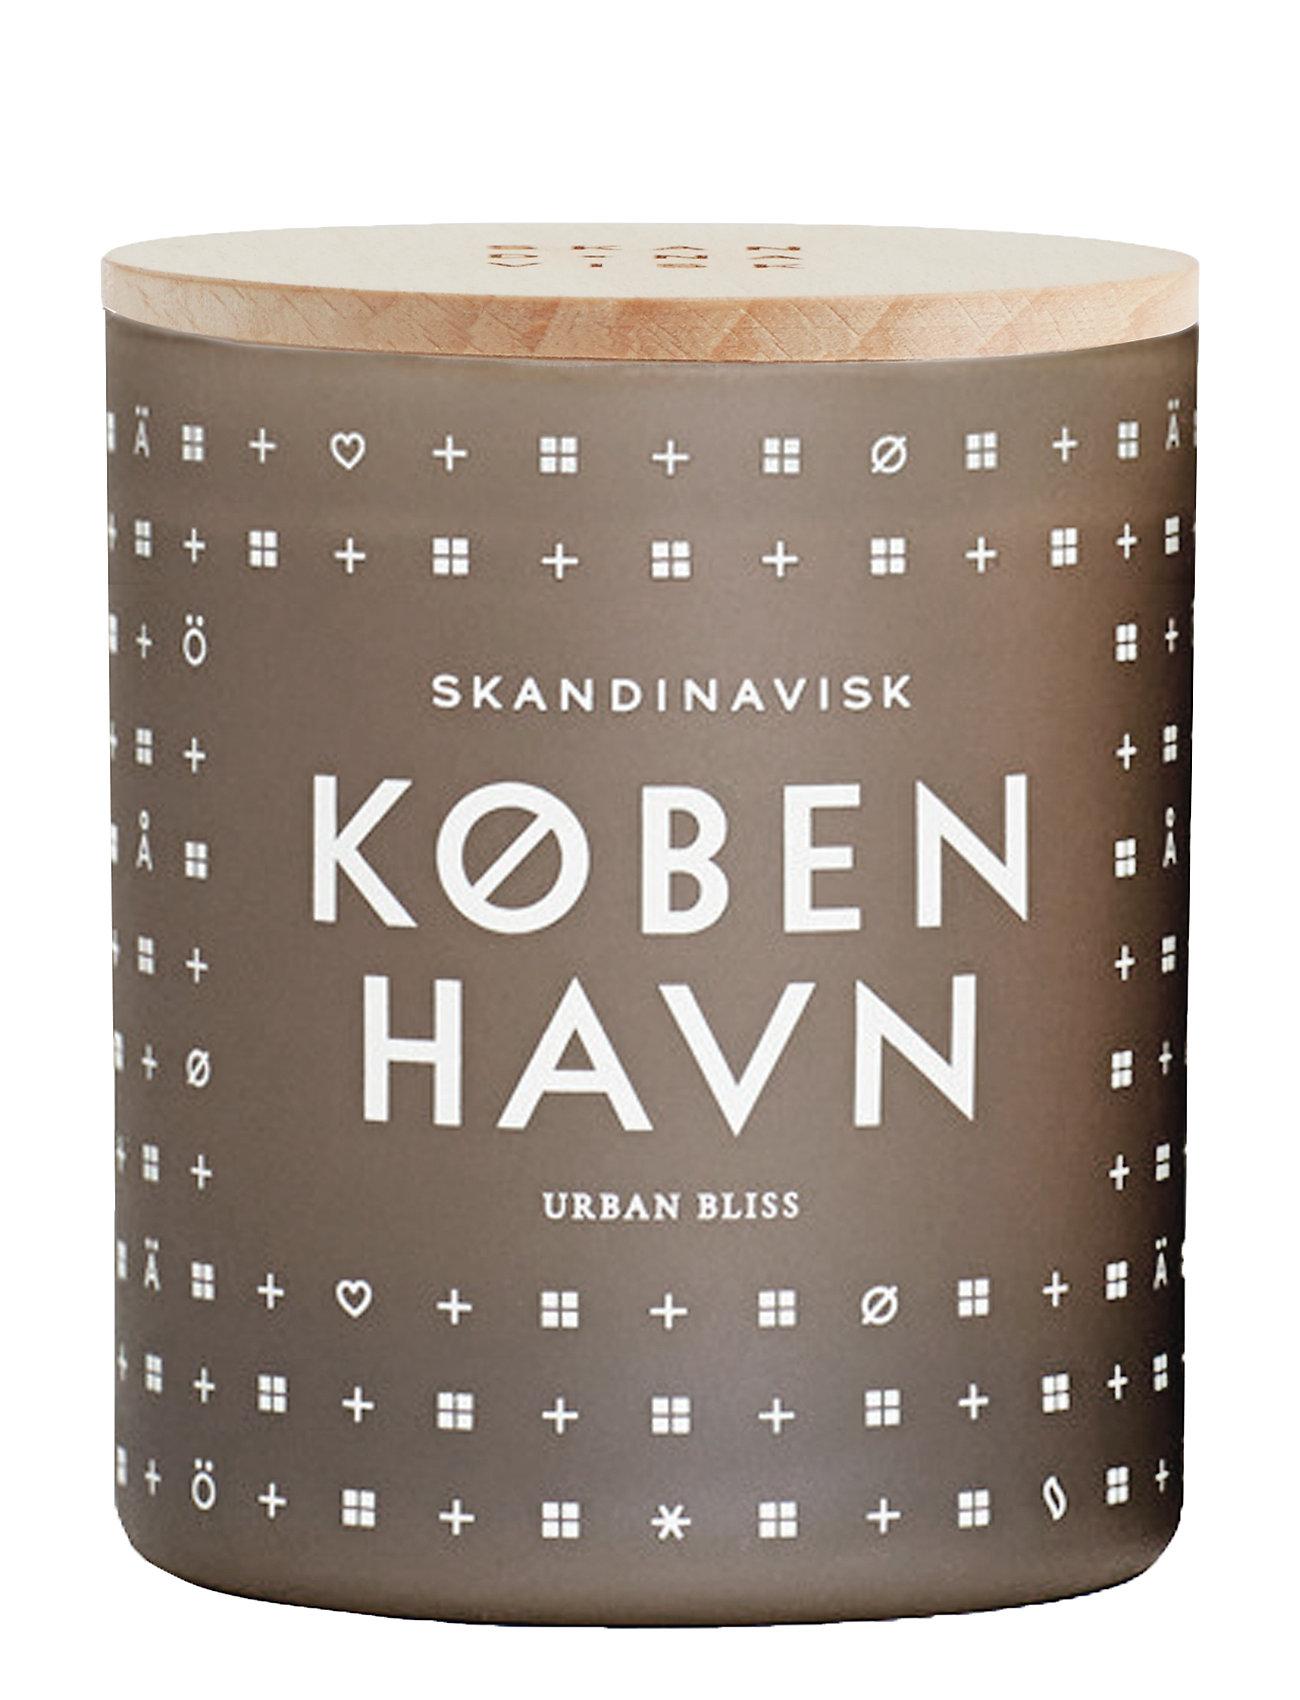 Image of Kobenhavn Scented Candle Duftlys Brun Skandinavisk (3408640079)